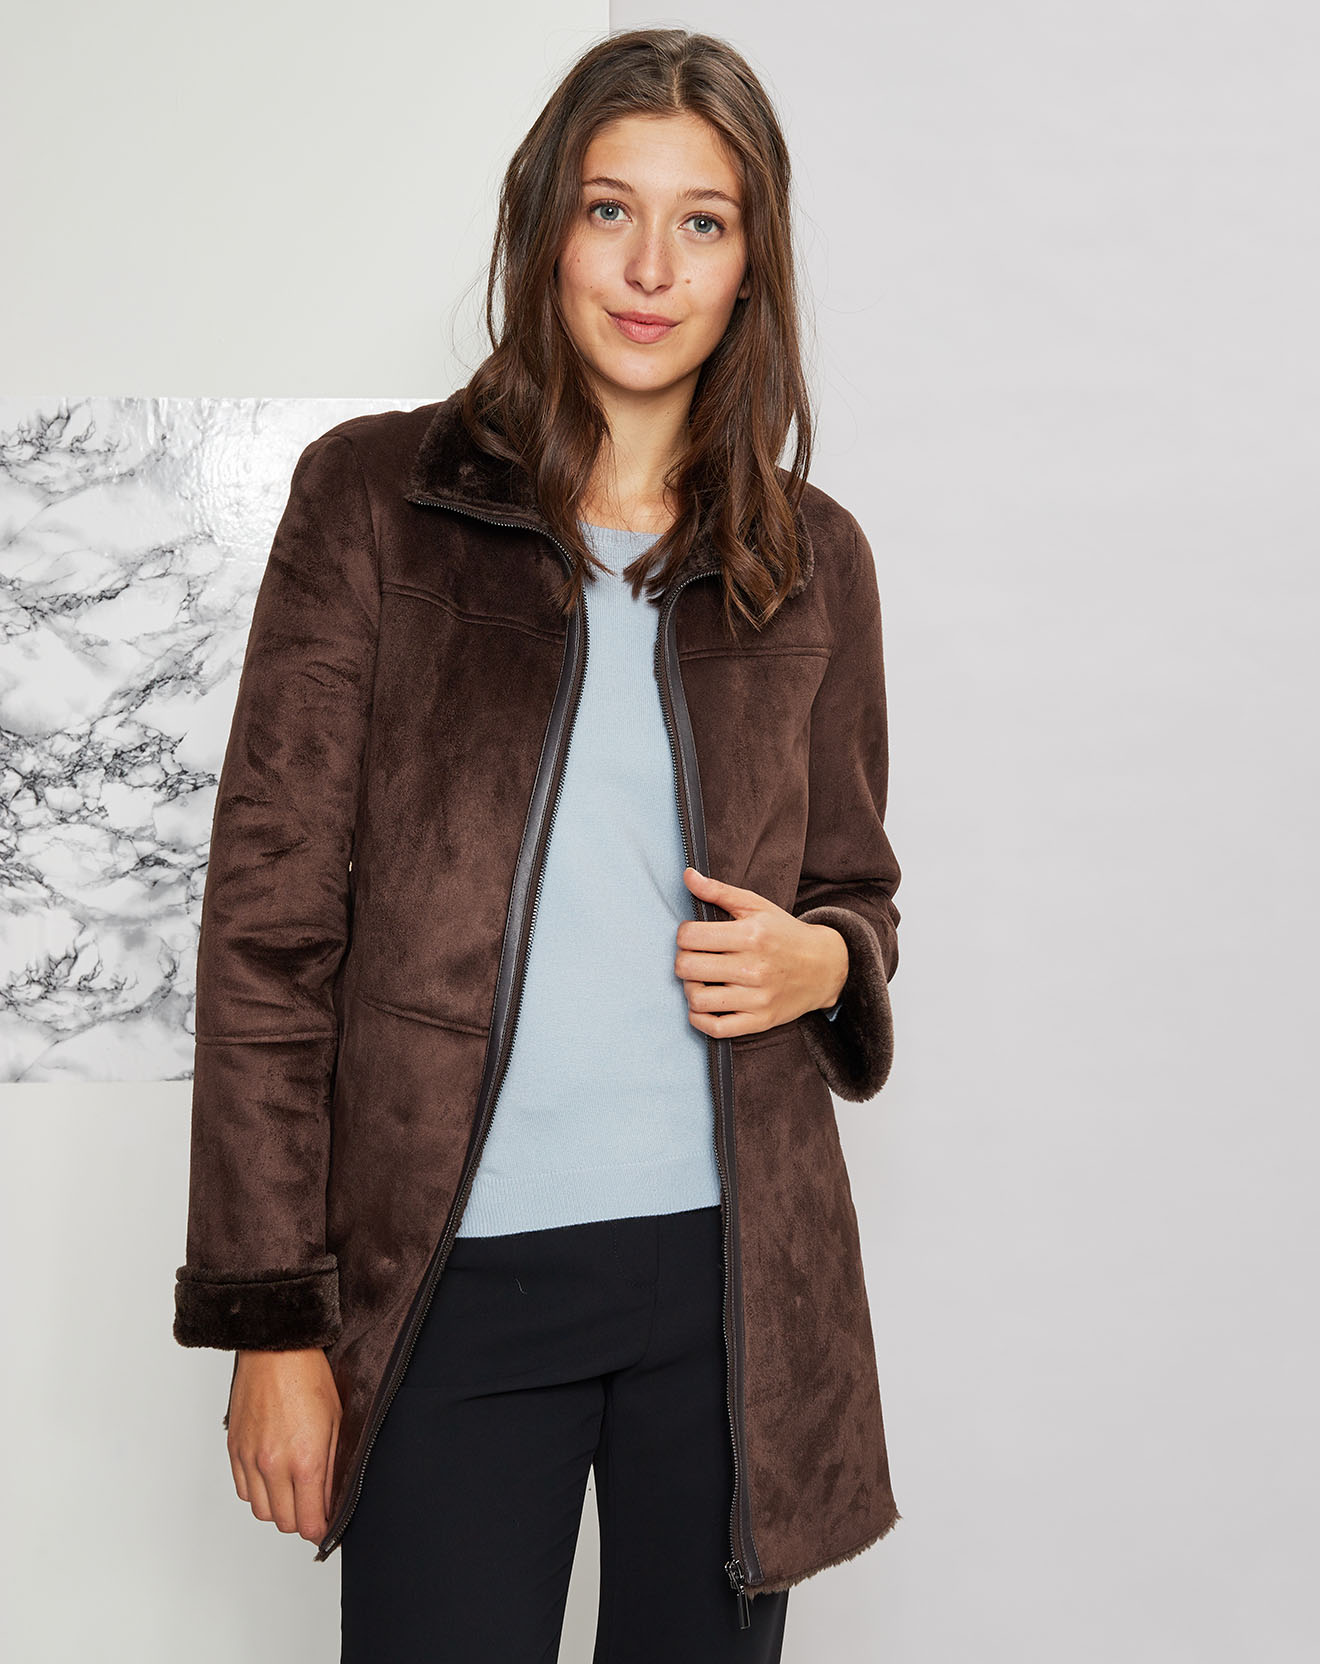 Manteau en Suédine intérieur fourré Toledo chocolat